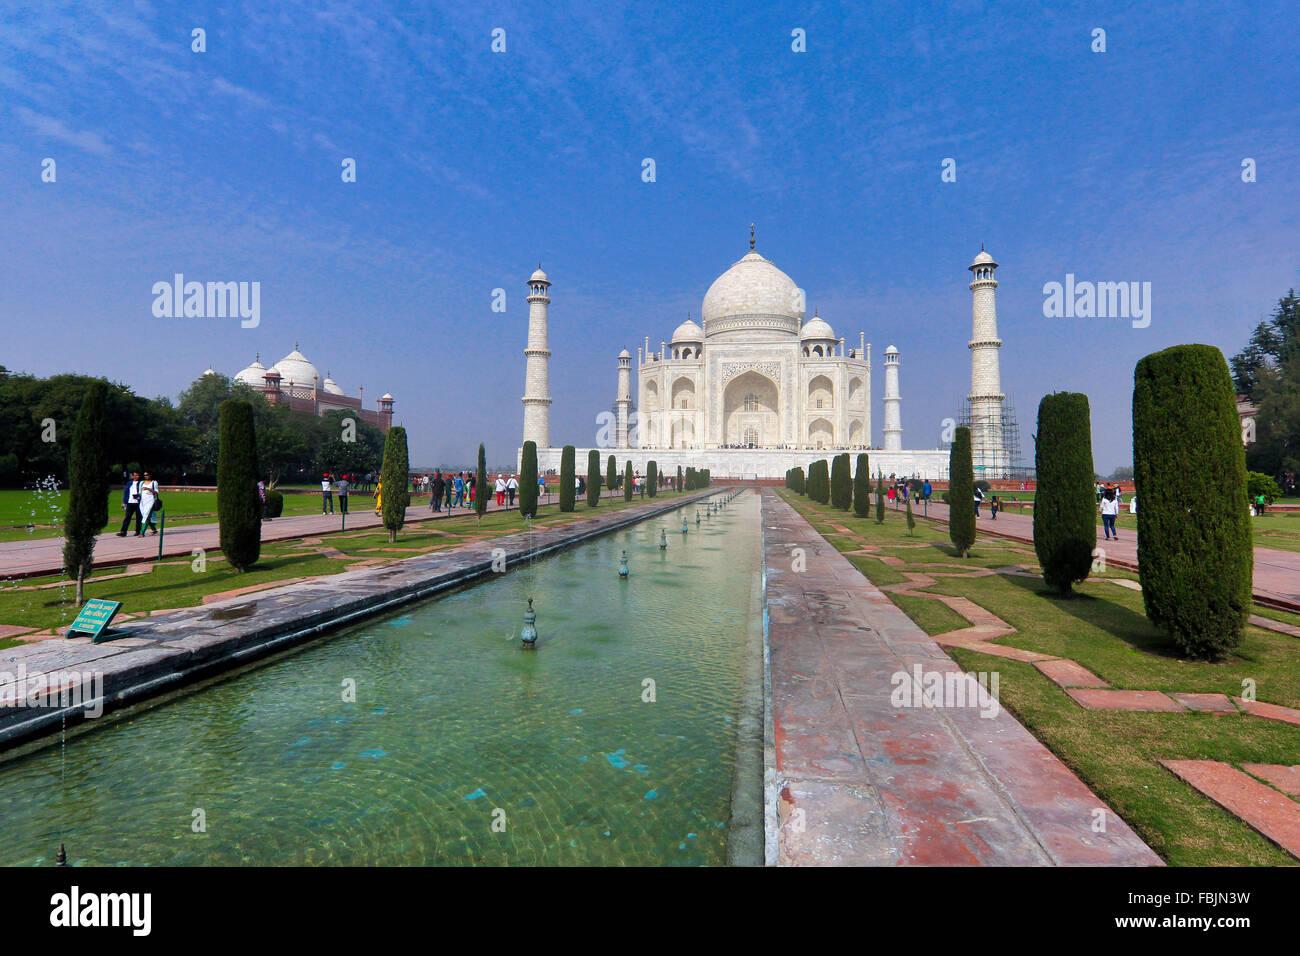 Das große Taj Mahal, Agra, Indien Stockbild